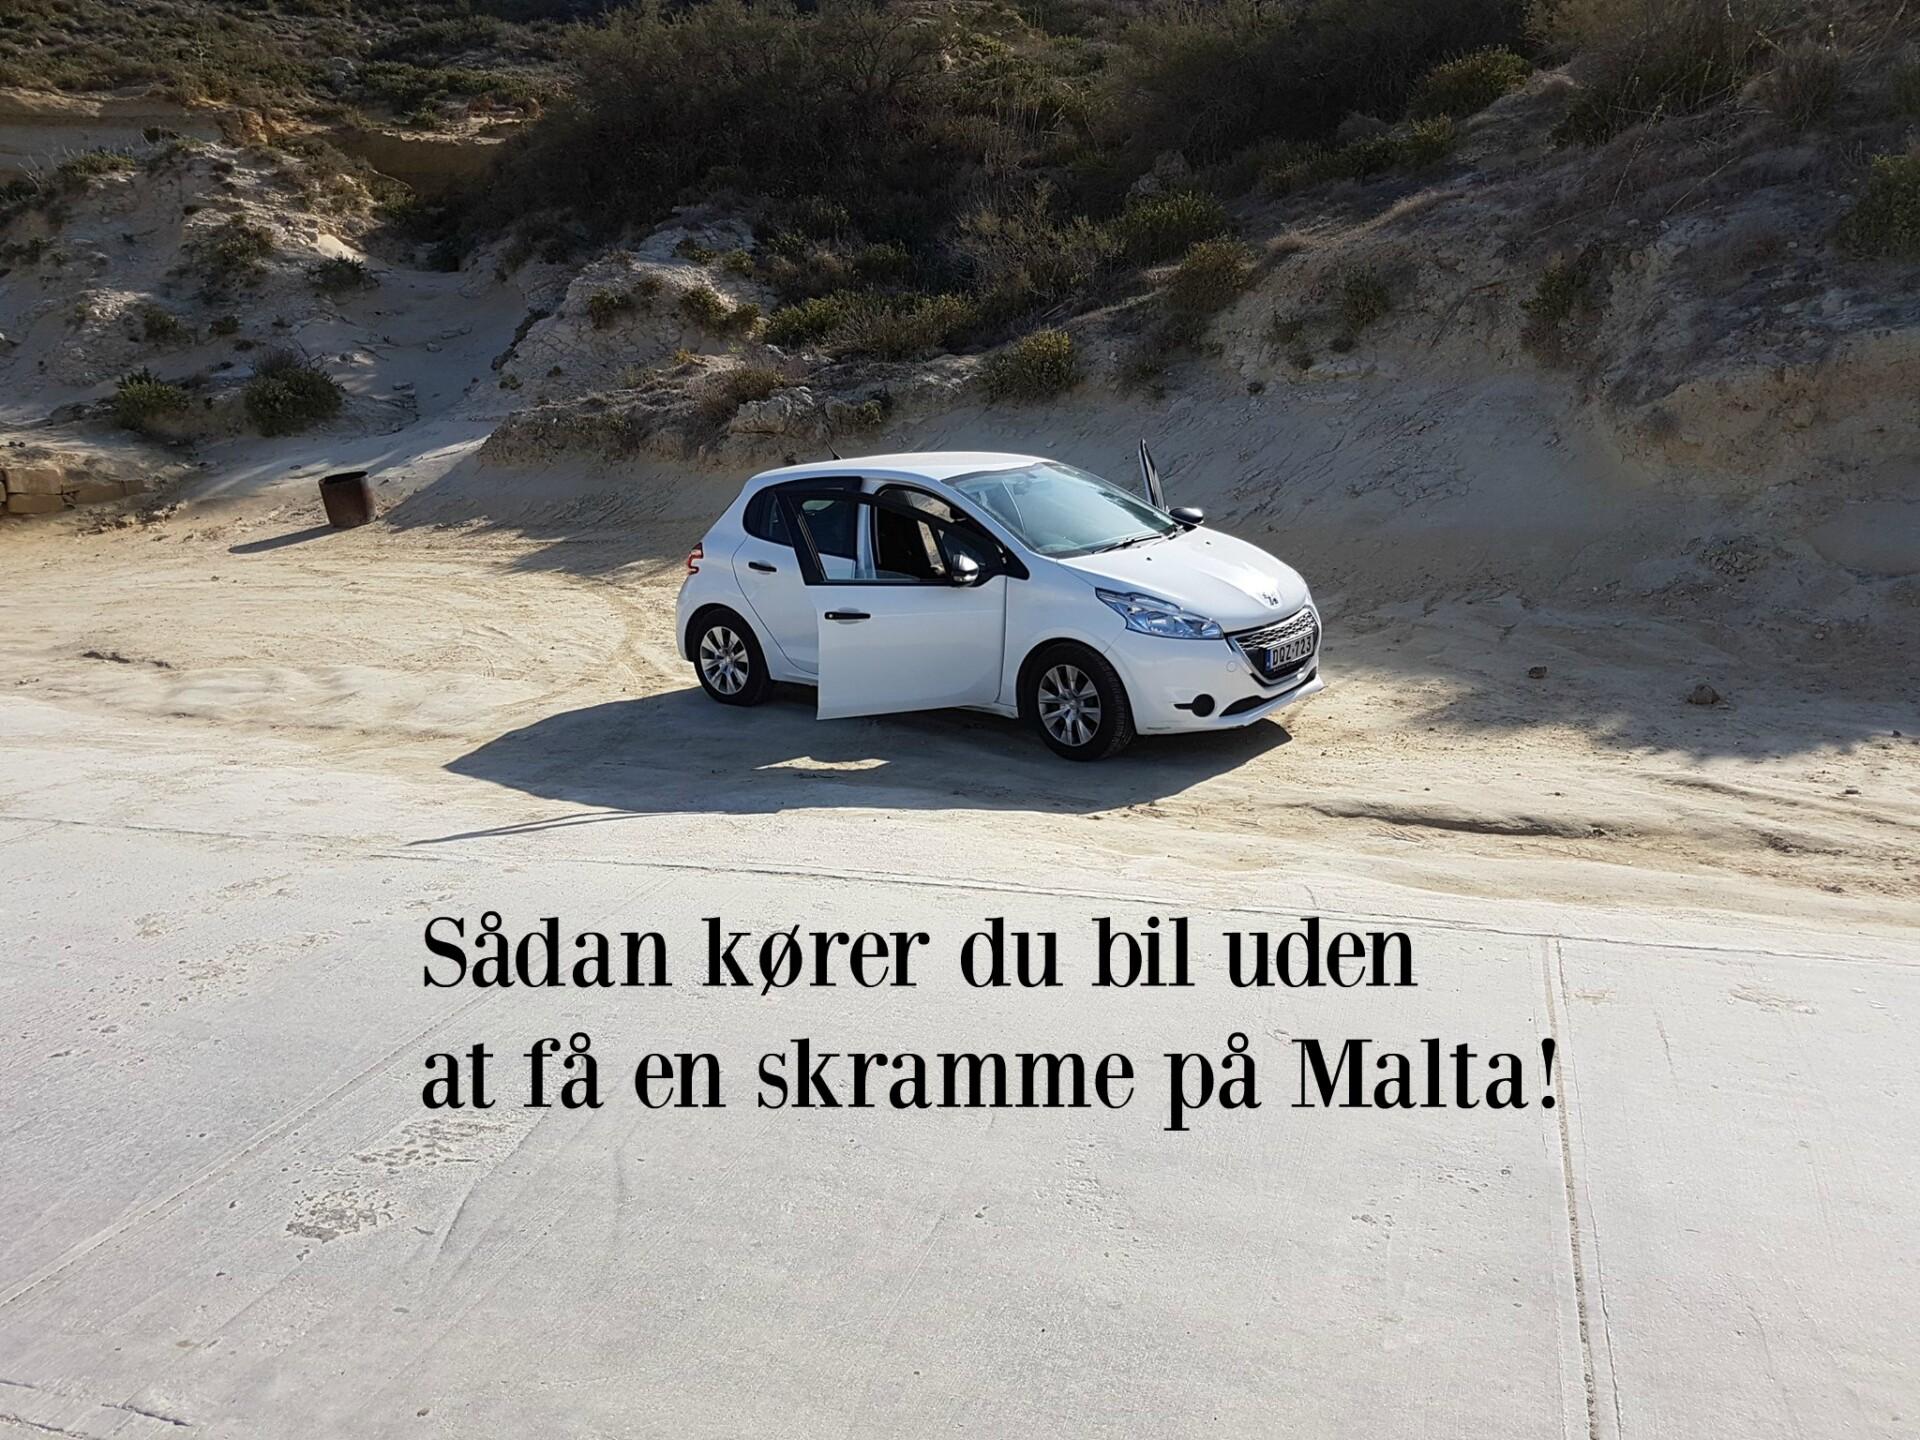 Sådan kører du bil uden at få en skramme på Malta